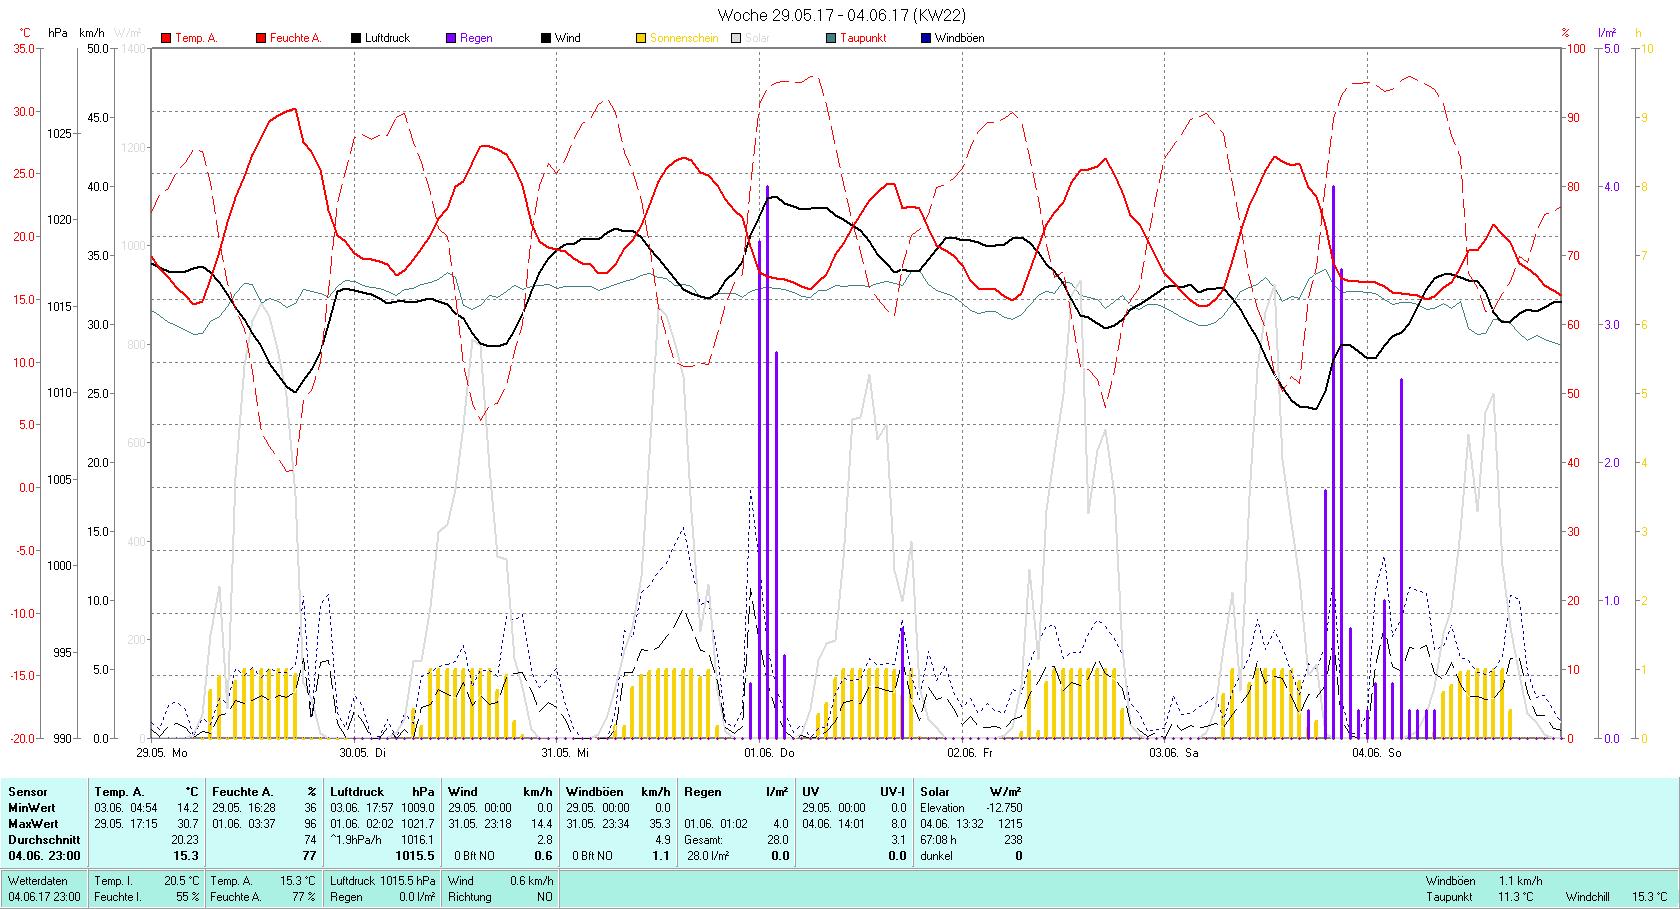 KW 22 Tmin 14.2°C, Tmax 30.7°C, Sonne 67:08h, Niederschlag 28.0mm/2